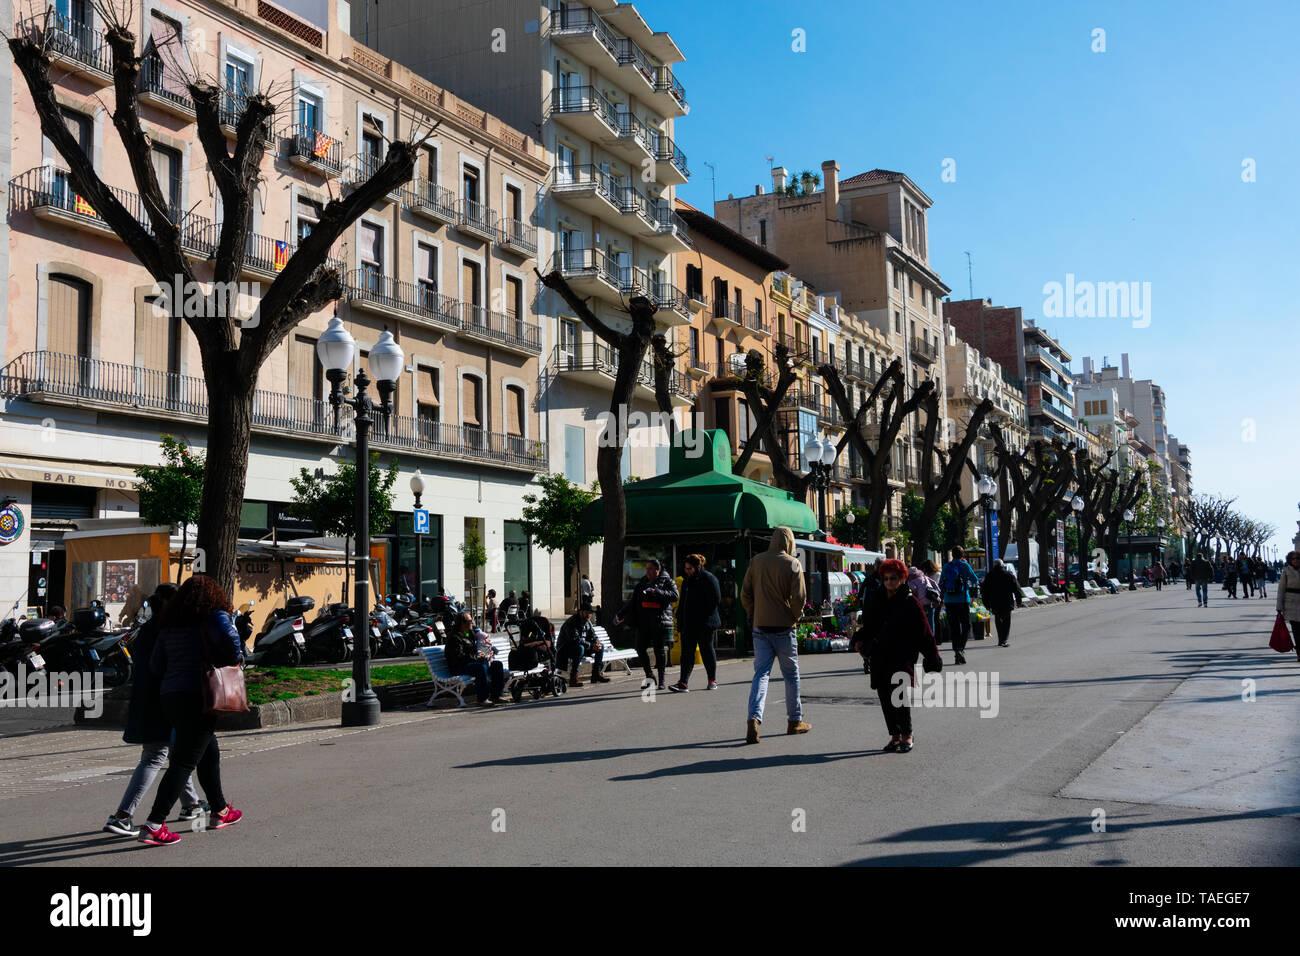 Tarragona, Spain. February 8, 2019. Rambla Nova is a main city walk with restaurants and shops - Stock Image